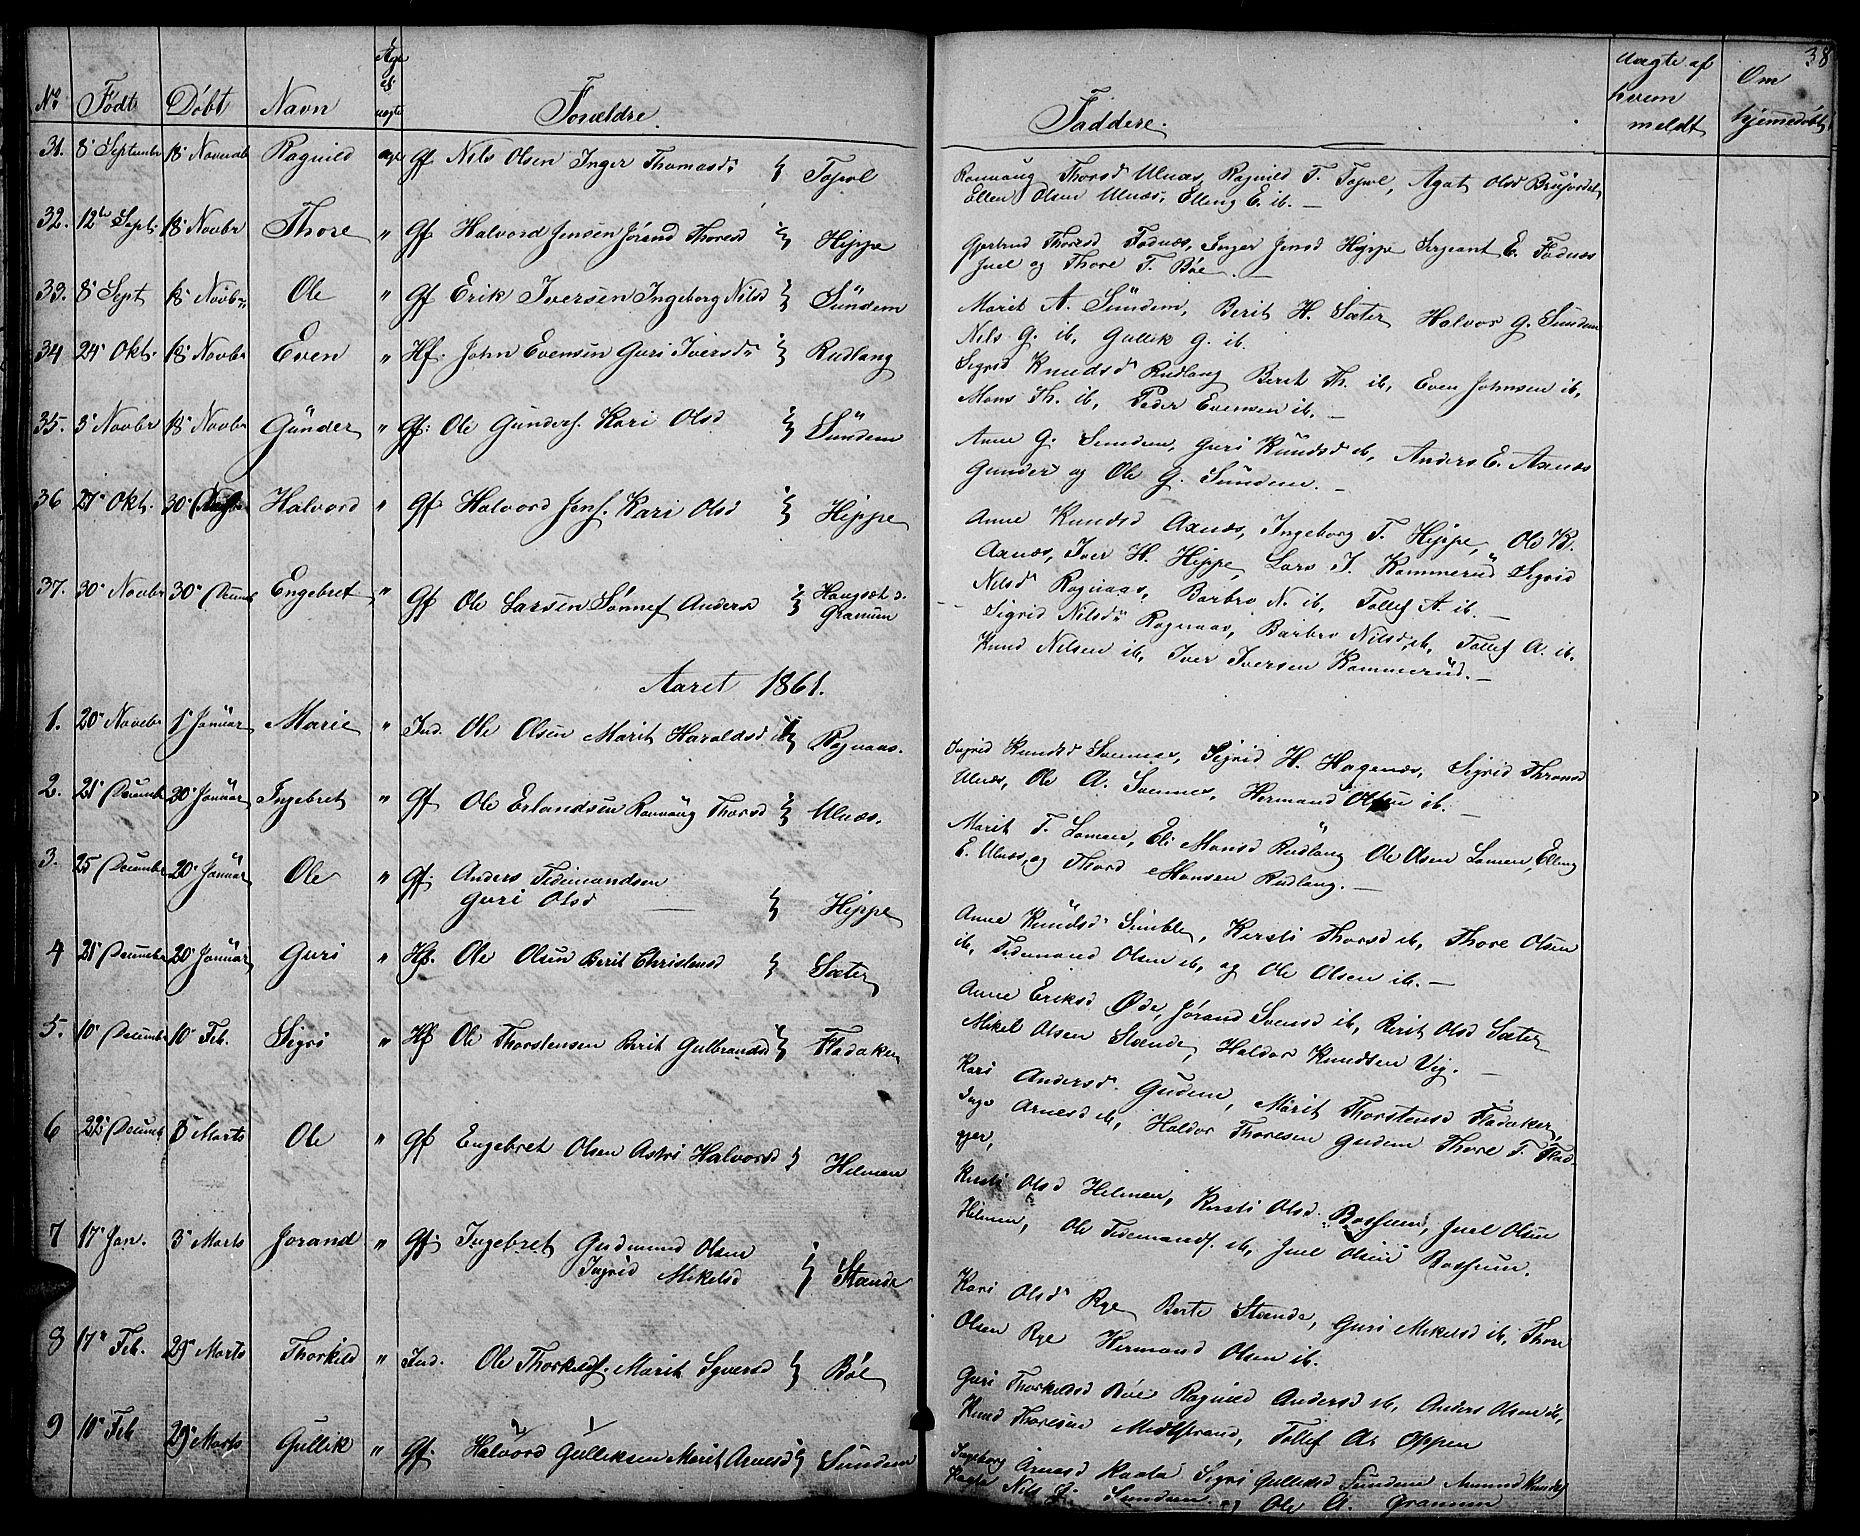 SAH, Nord-Aurdal prestekontor, Klokkerbok nr. 4, 1842-1882, s. 38